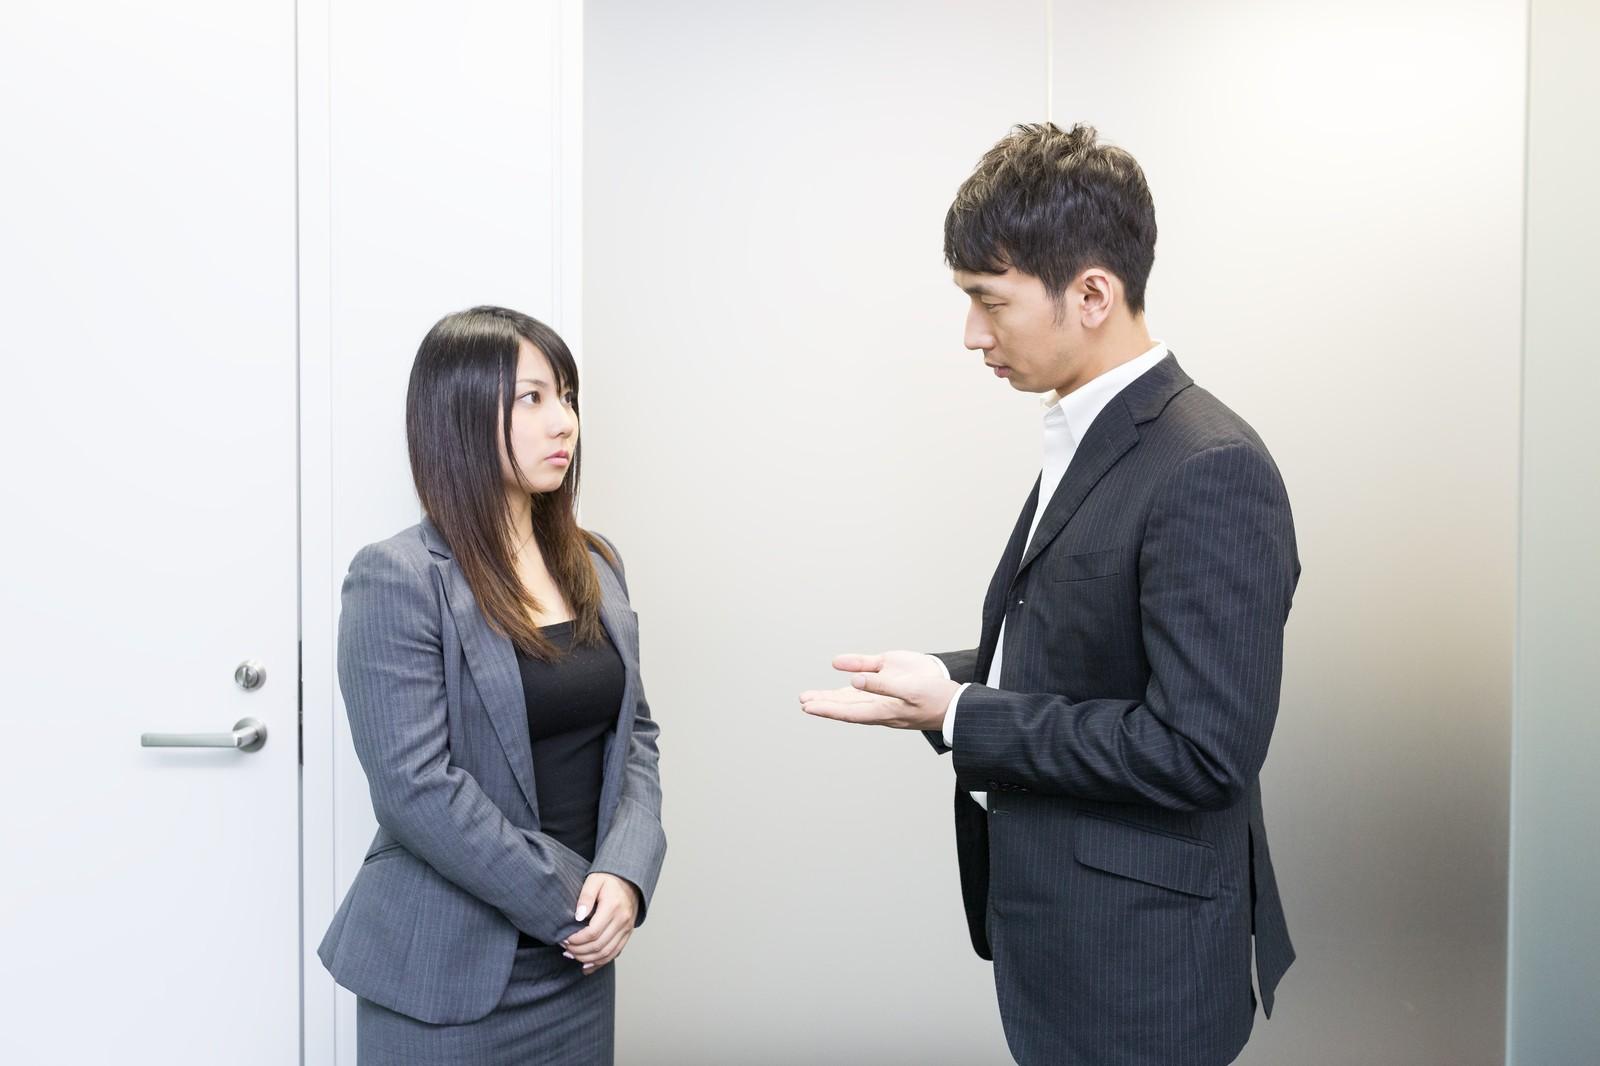 新入社員の正しい叱り方② 人格否定でなはなく「相手の言動」にフォーカスする